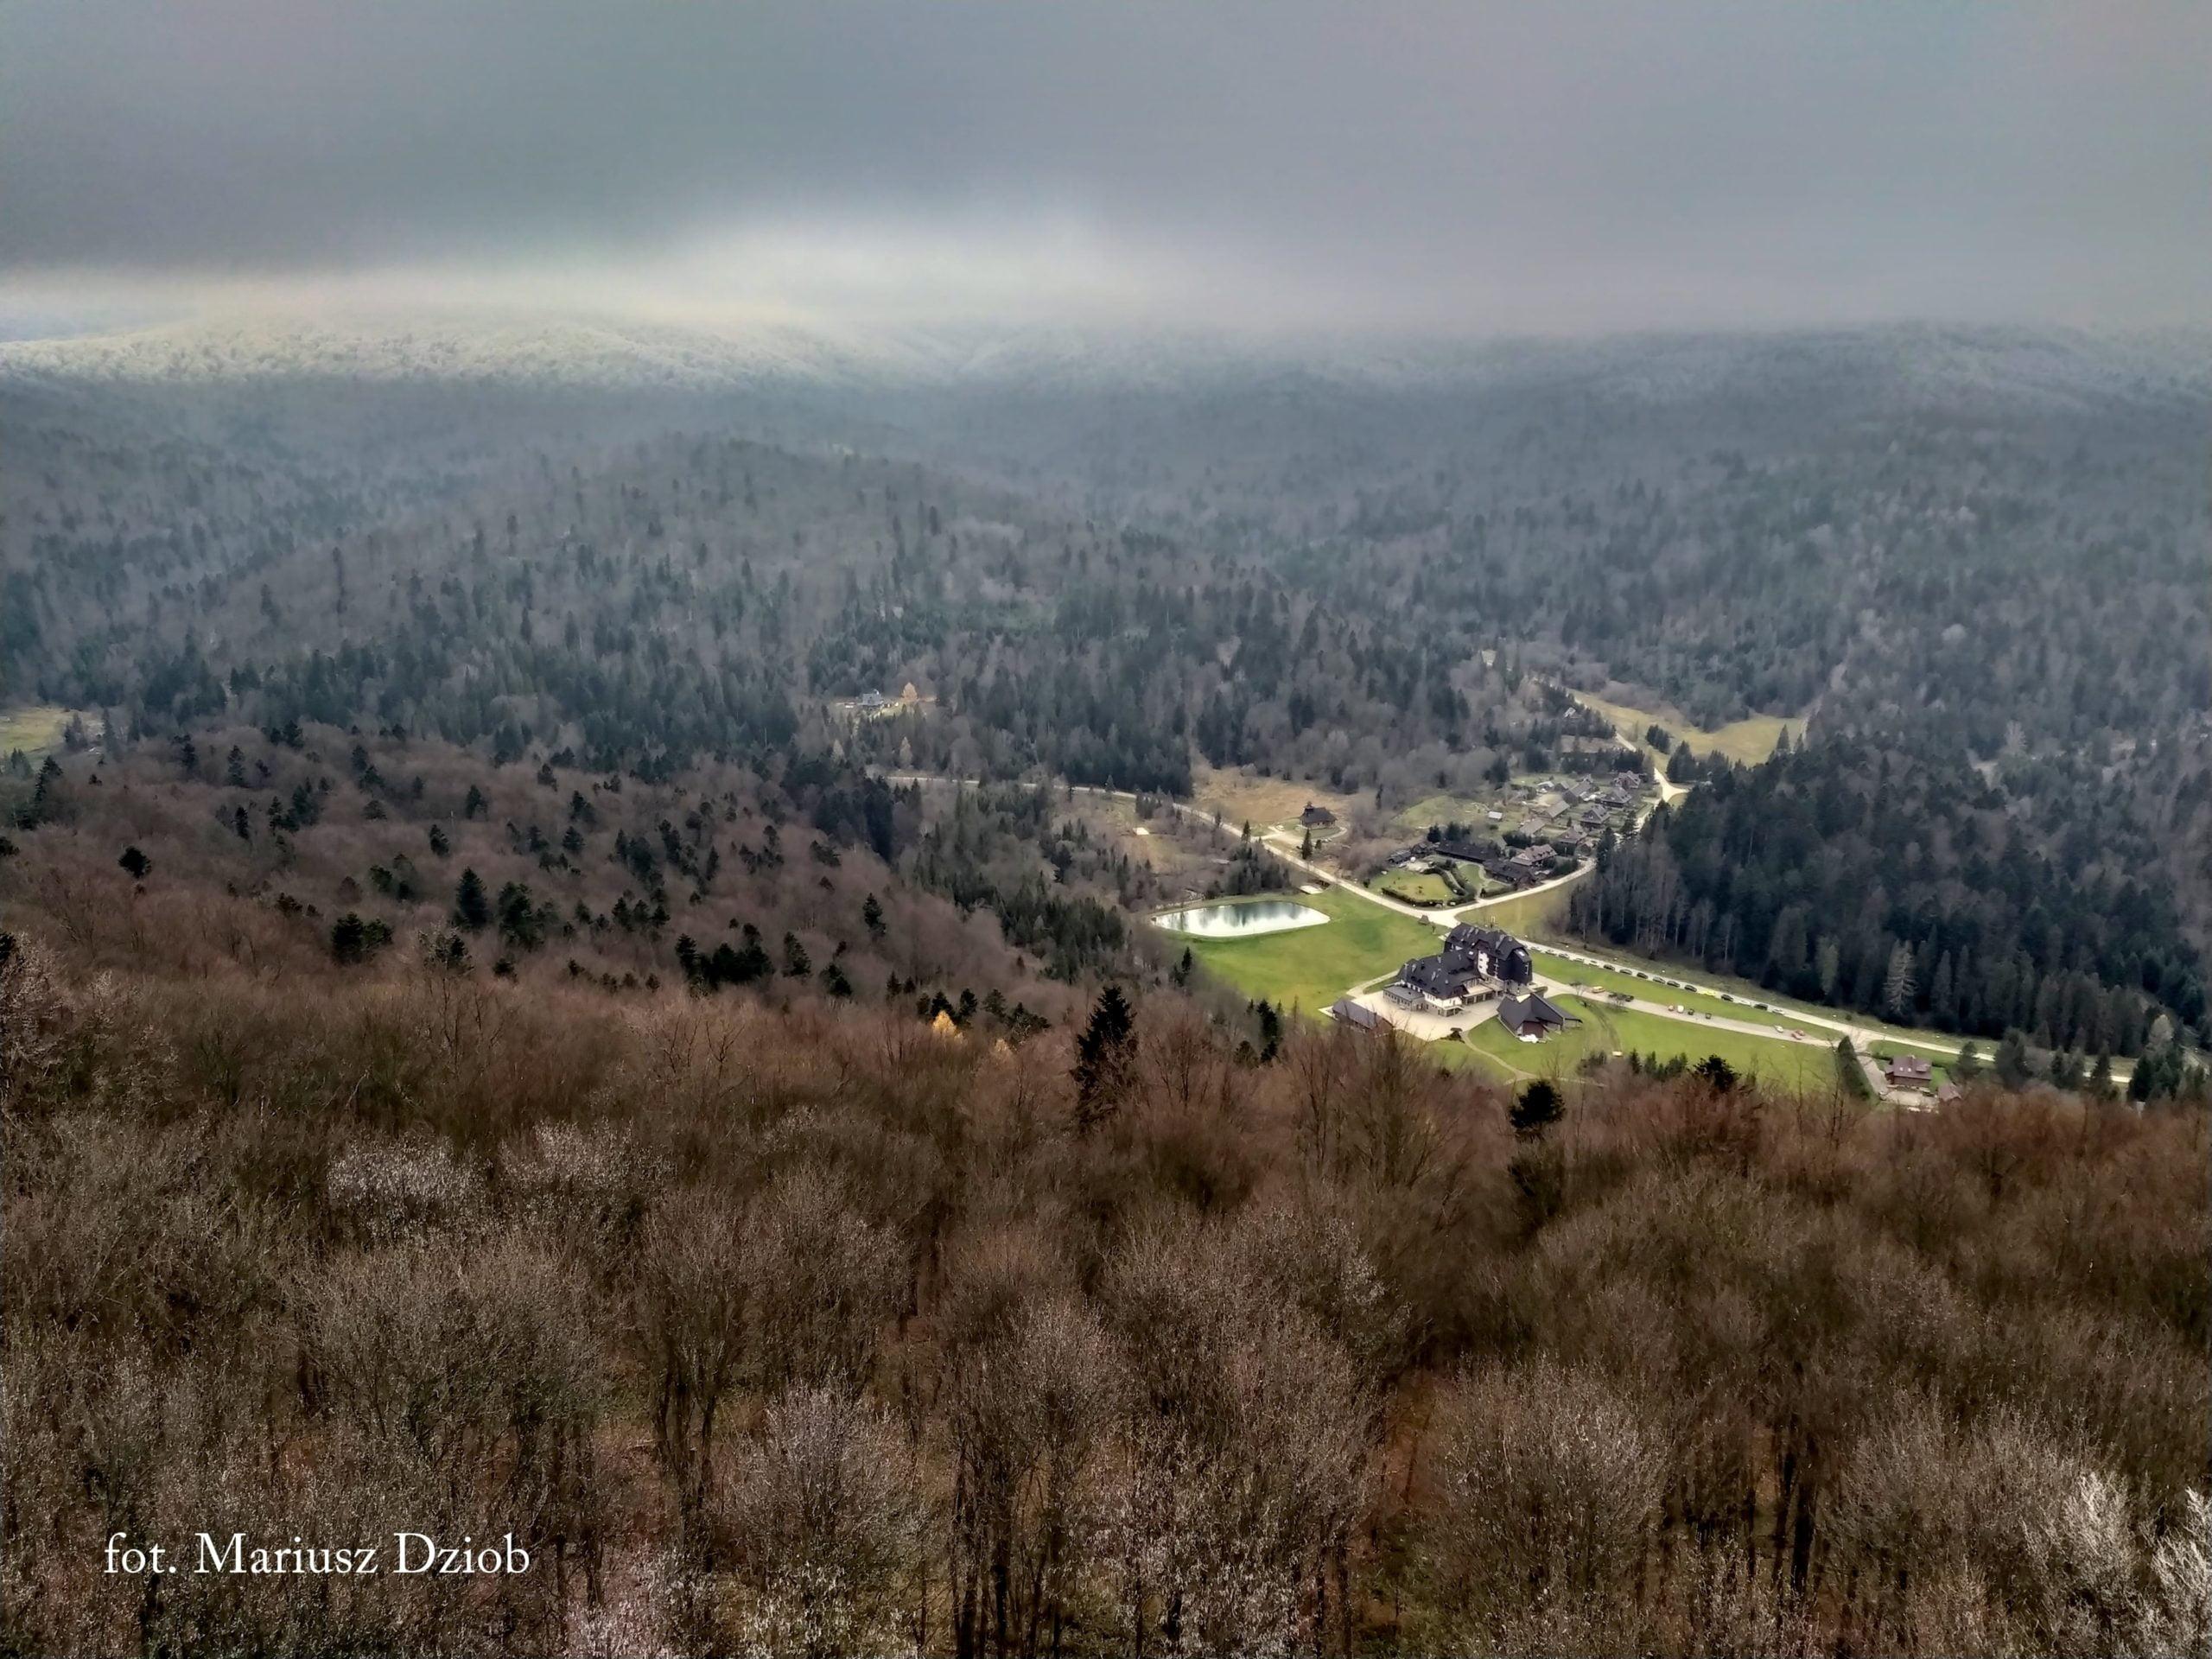 Urokliwe panoramy z wiezy widokowej na Jeleniowatym fot. Mariusz Dziob